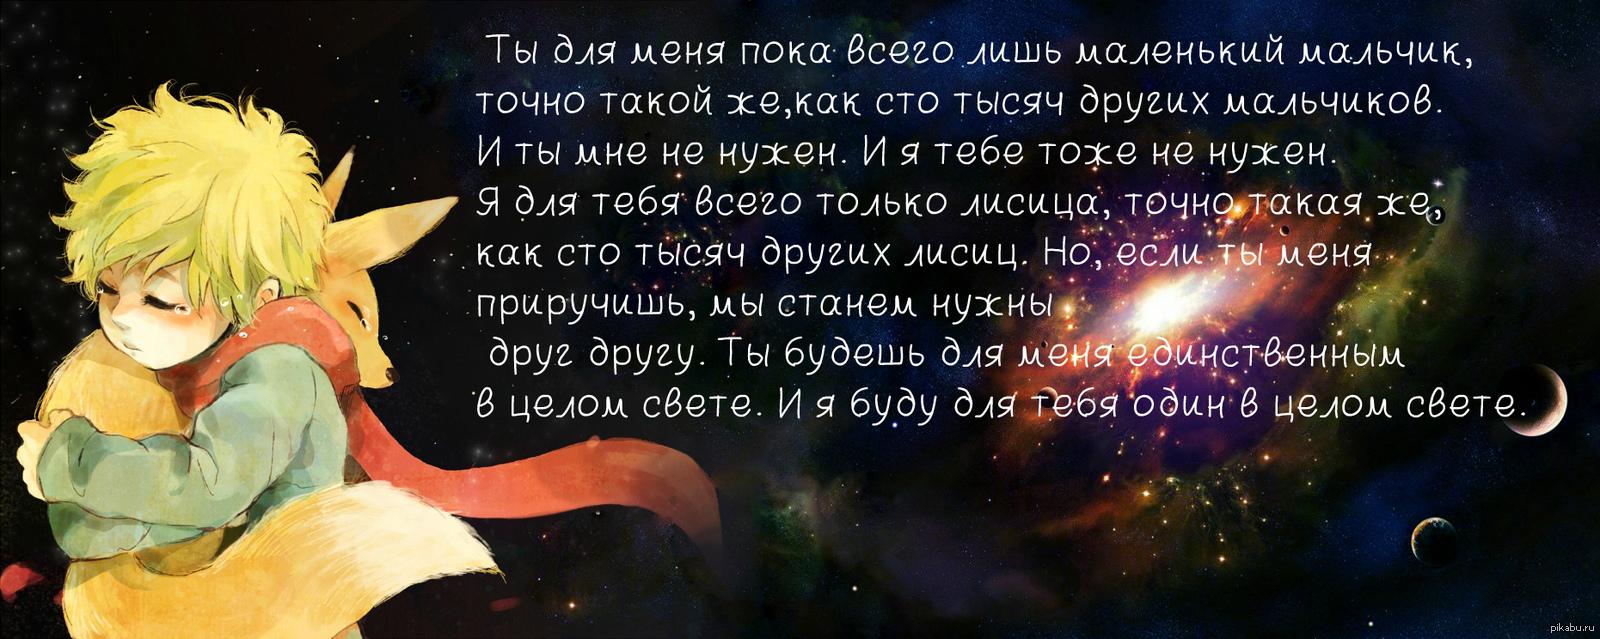 Маленький принц с цитатами